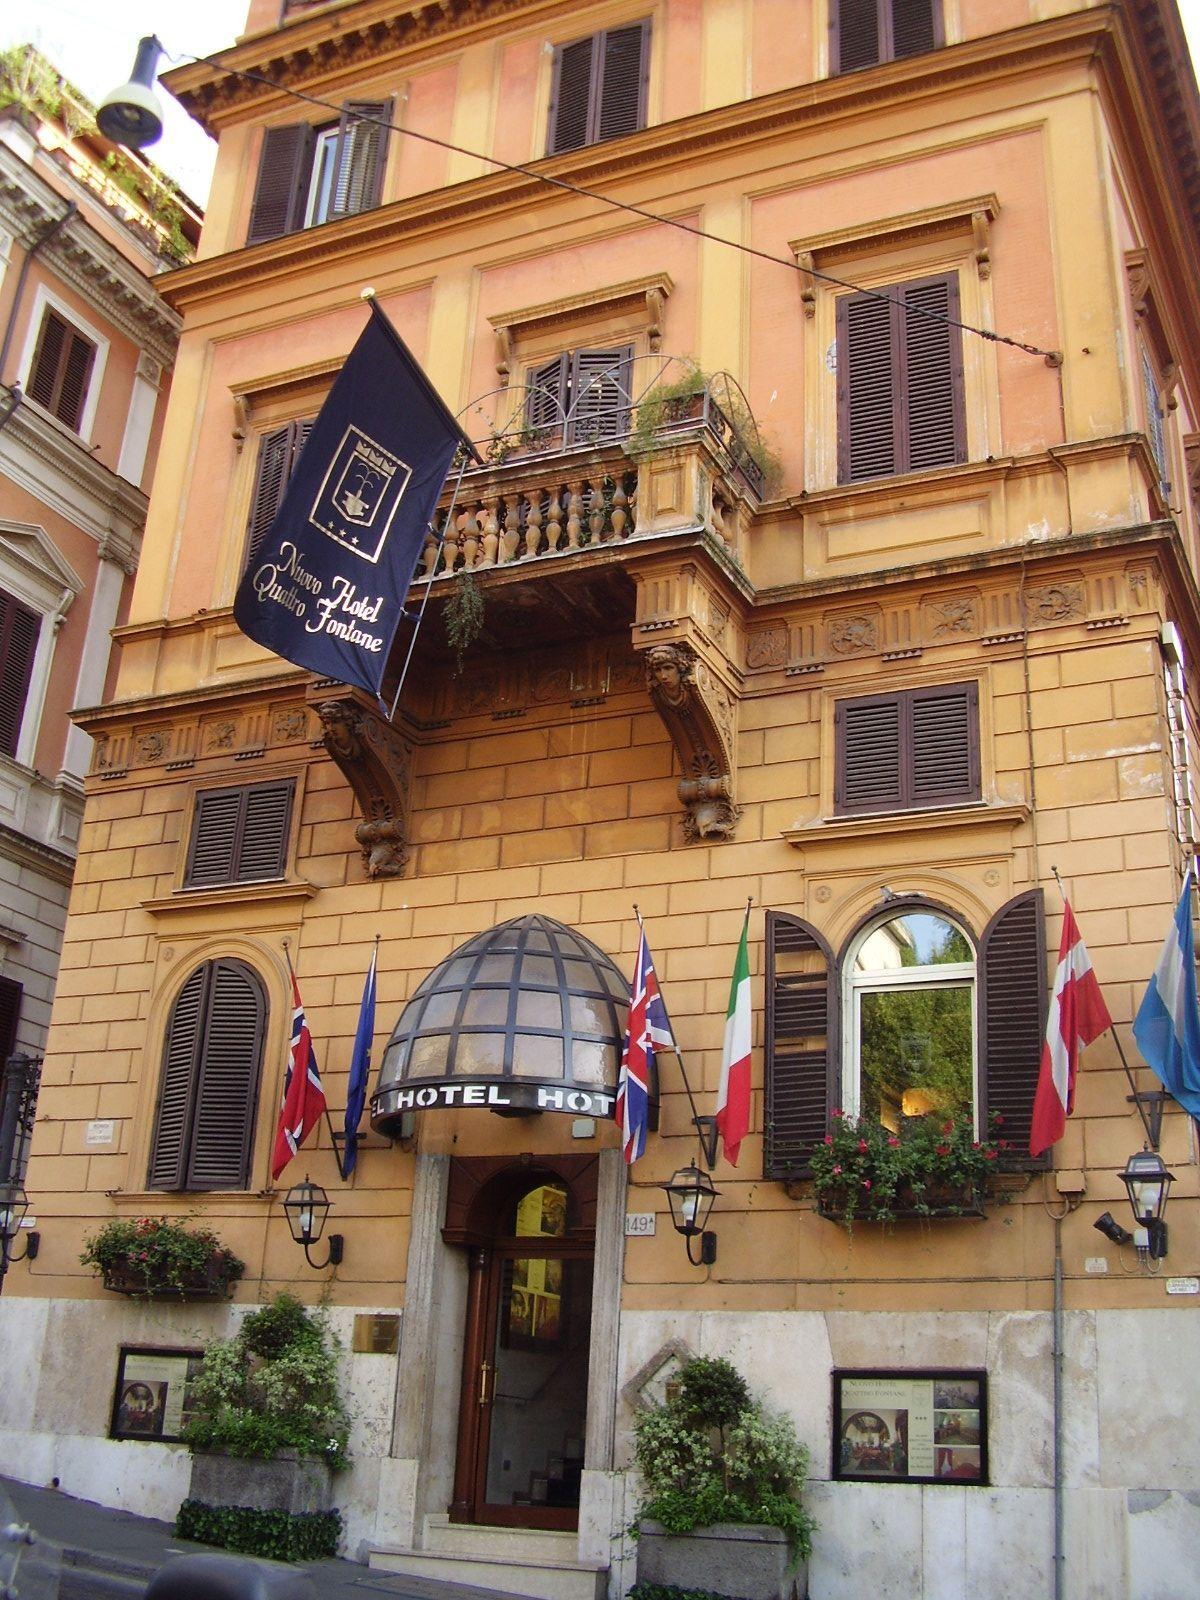 Nuovo Hotel Quattro Fontane, Roma, Itàlia 12 al 15/08/2008